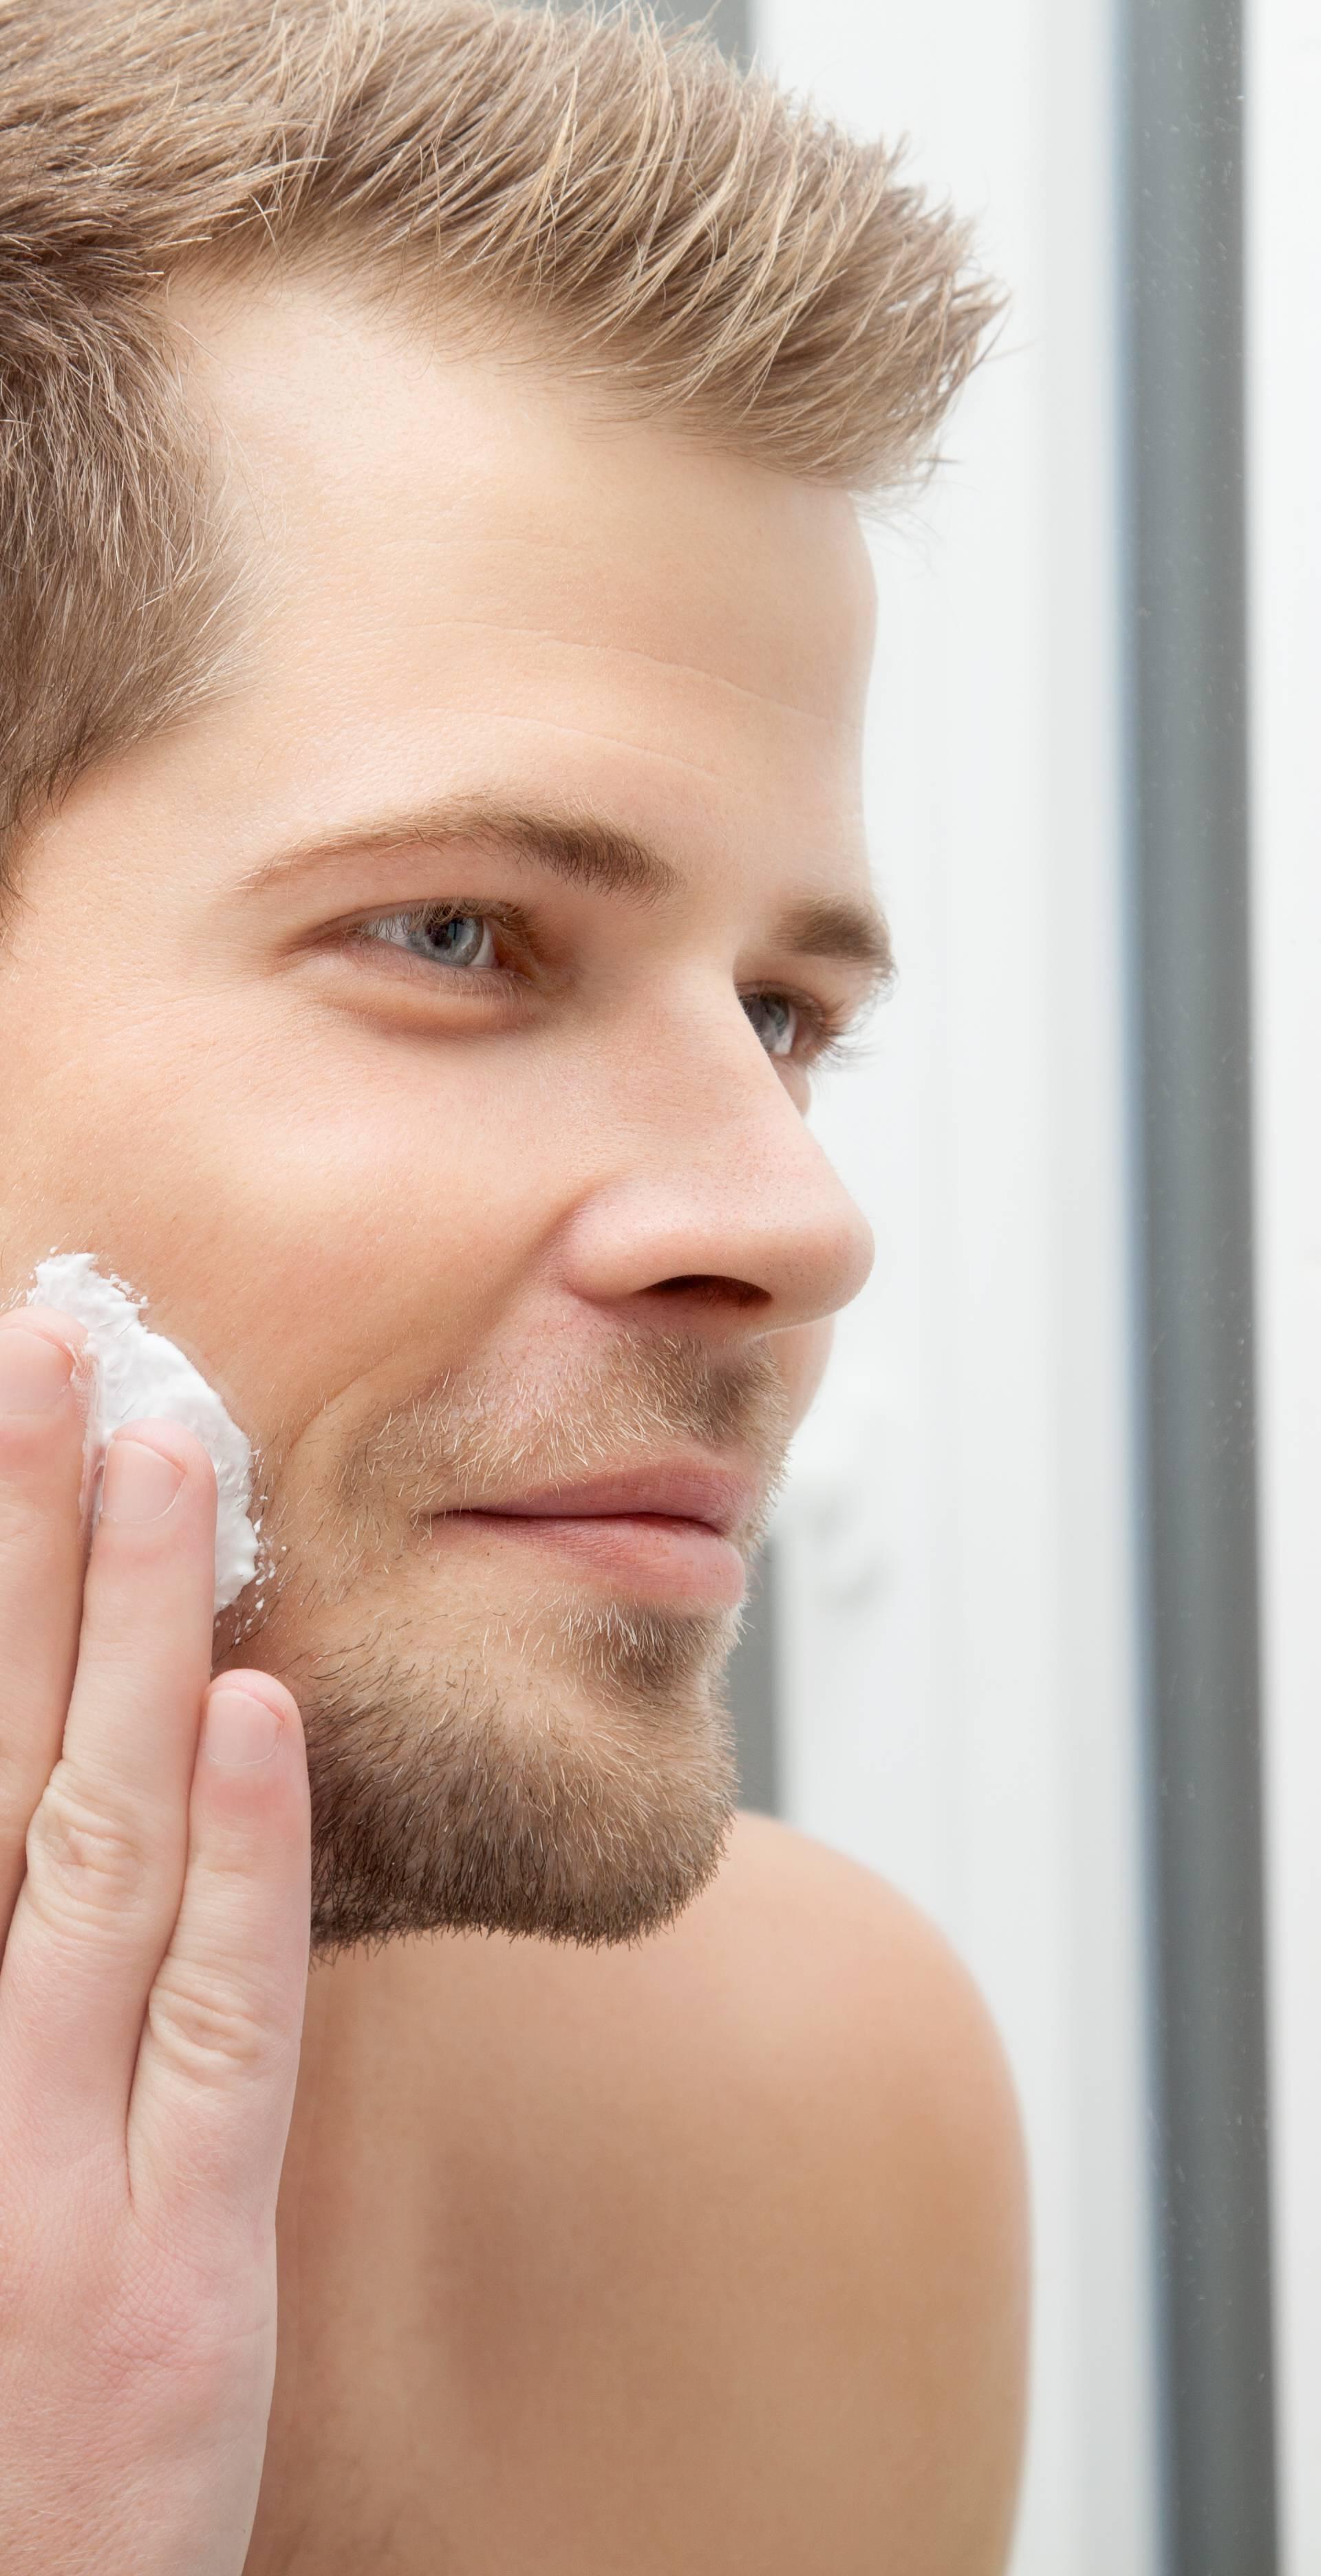 Muškarci, za brijanje vam nisu dovoljne samo pjena i britvica!